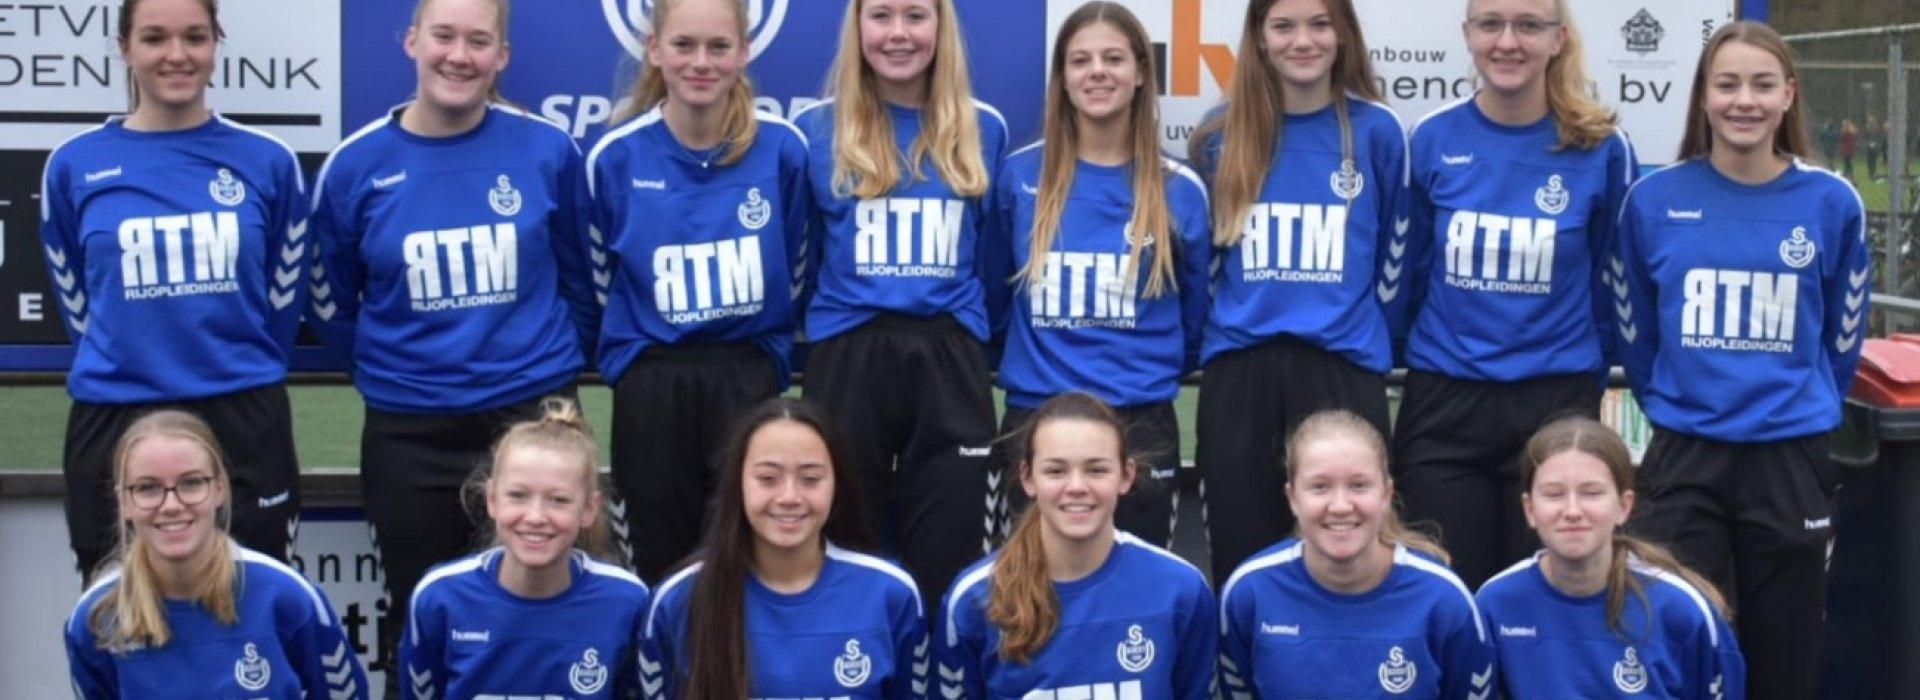 Najaarskampioen MO17-2 bedankt trouwe sponsor R.T.M. Rijopleidingen